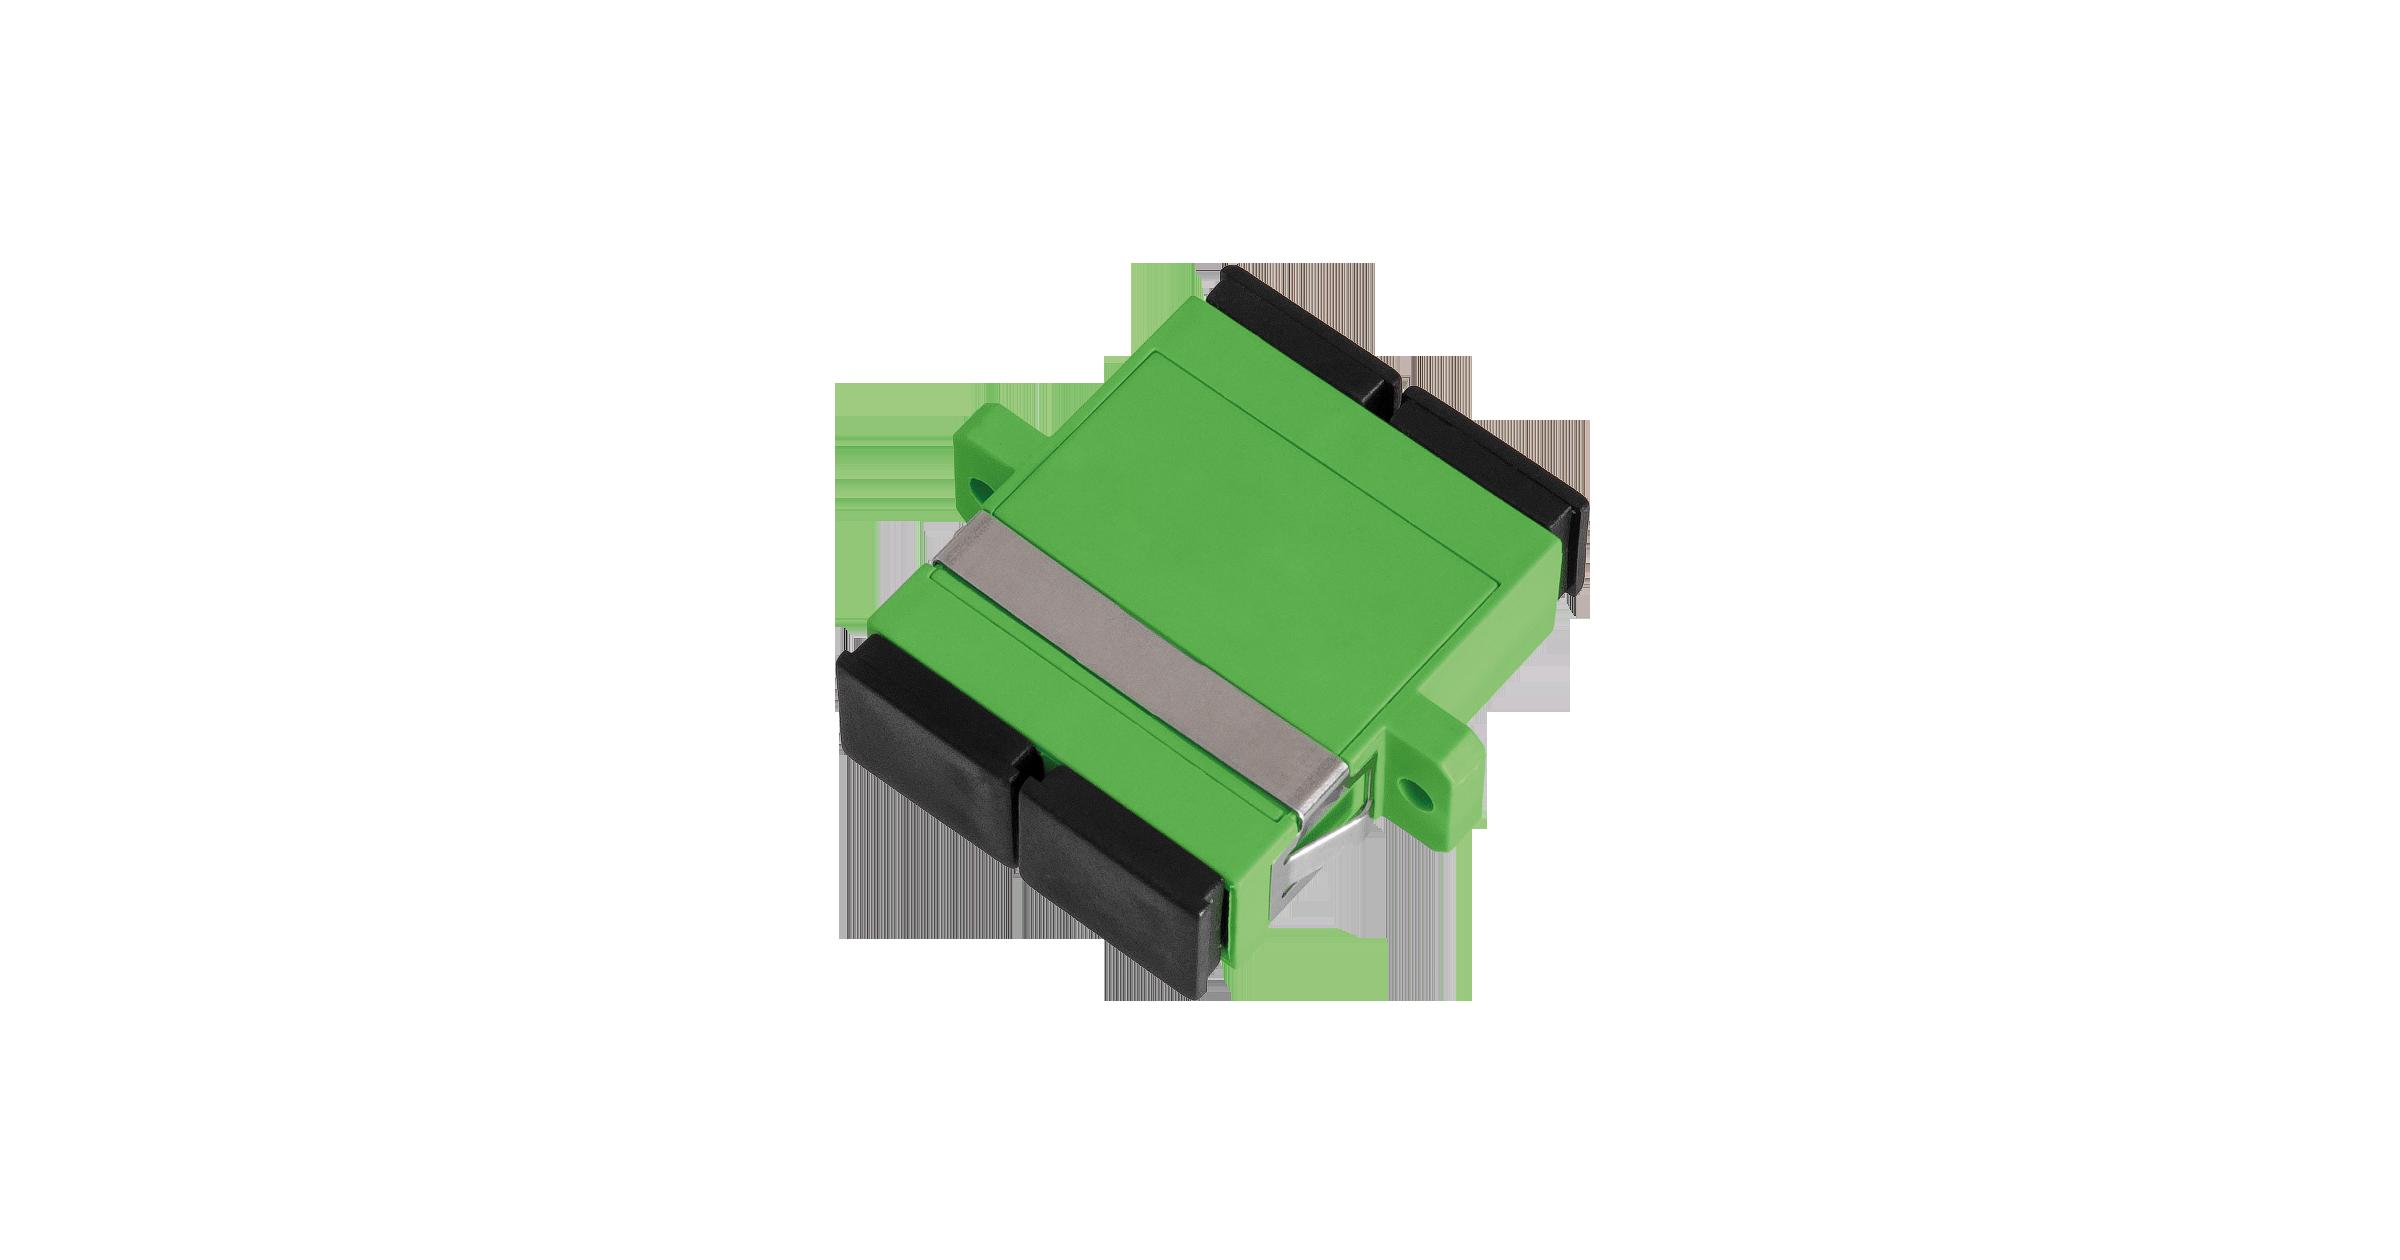 Адаптер NIKOMAX волоконно-оптический, соединительный, одномодовый, SC/APC-SC/APC, двойной, пластиковый, зеленый, уп-ка 2шт.